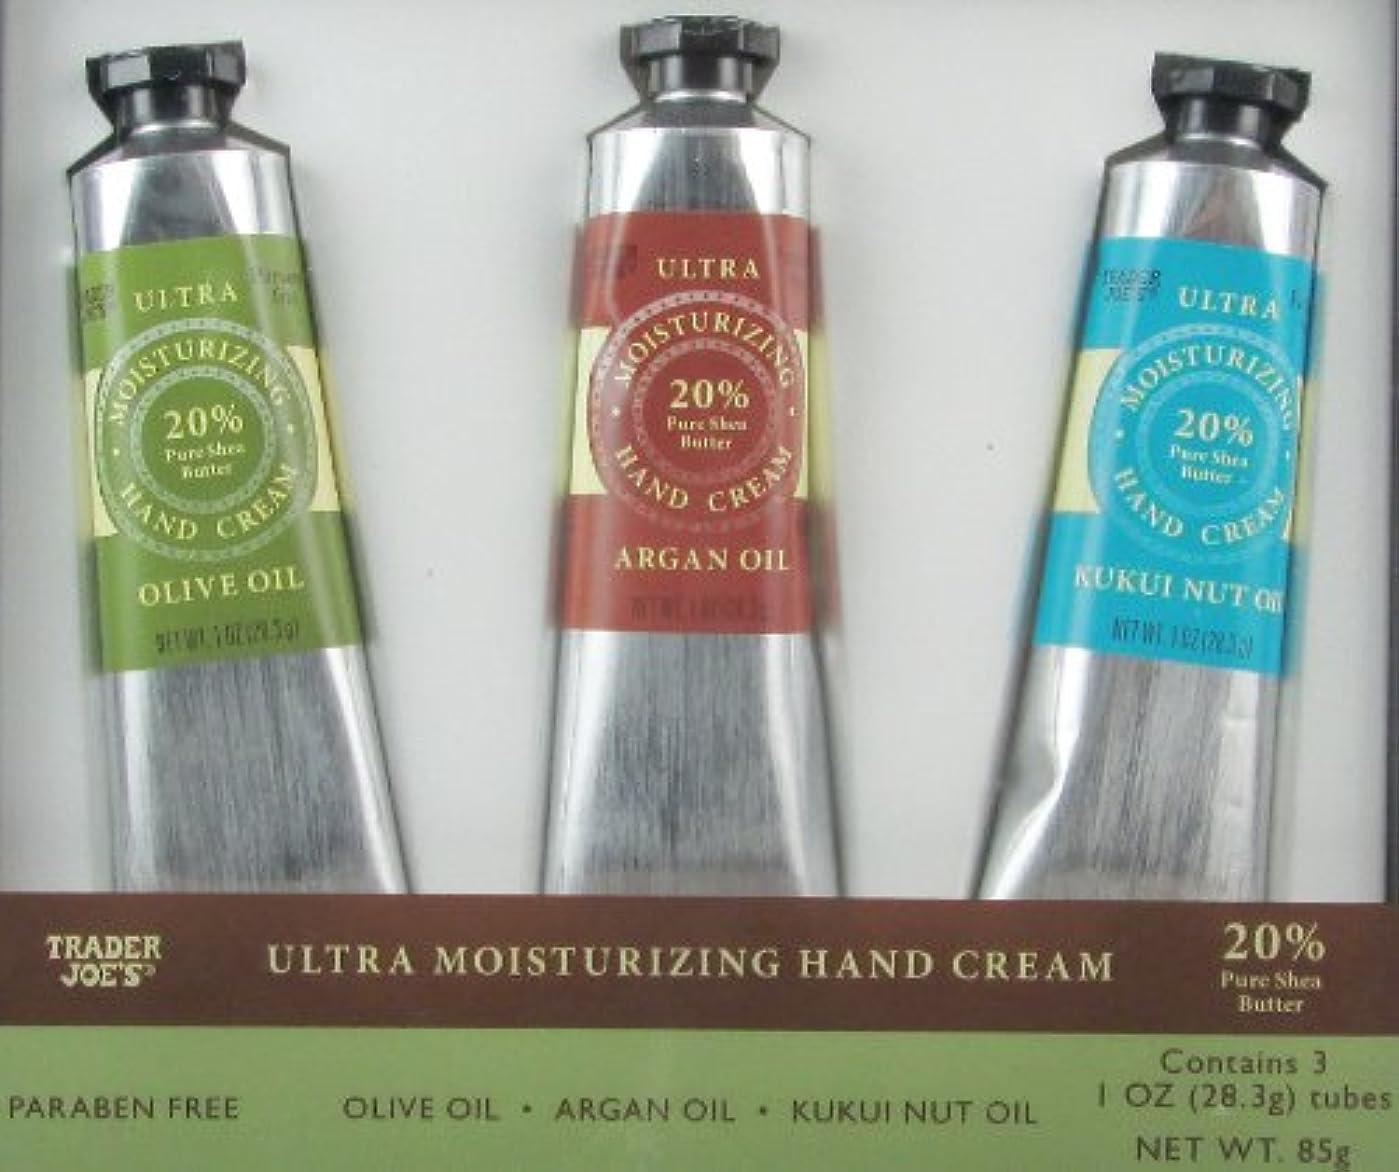 オーストラリアスコットランド人学期トレーダージョーズ ウルトラ モイスチャライジング ハンドクリーム 3種類 ギフトセット Trader Joe's Moisturizing Hand Cream Trio Olive Oil, Argan Oil, Kukui...